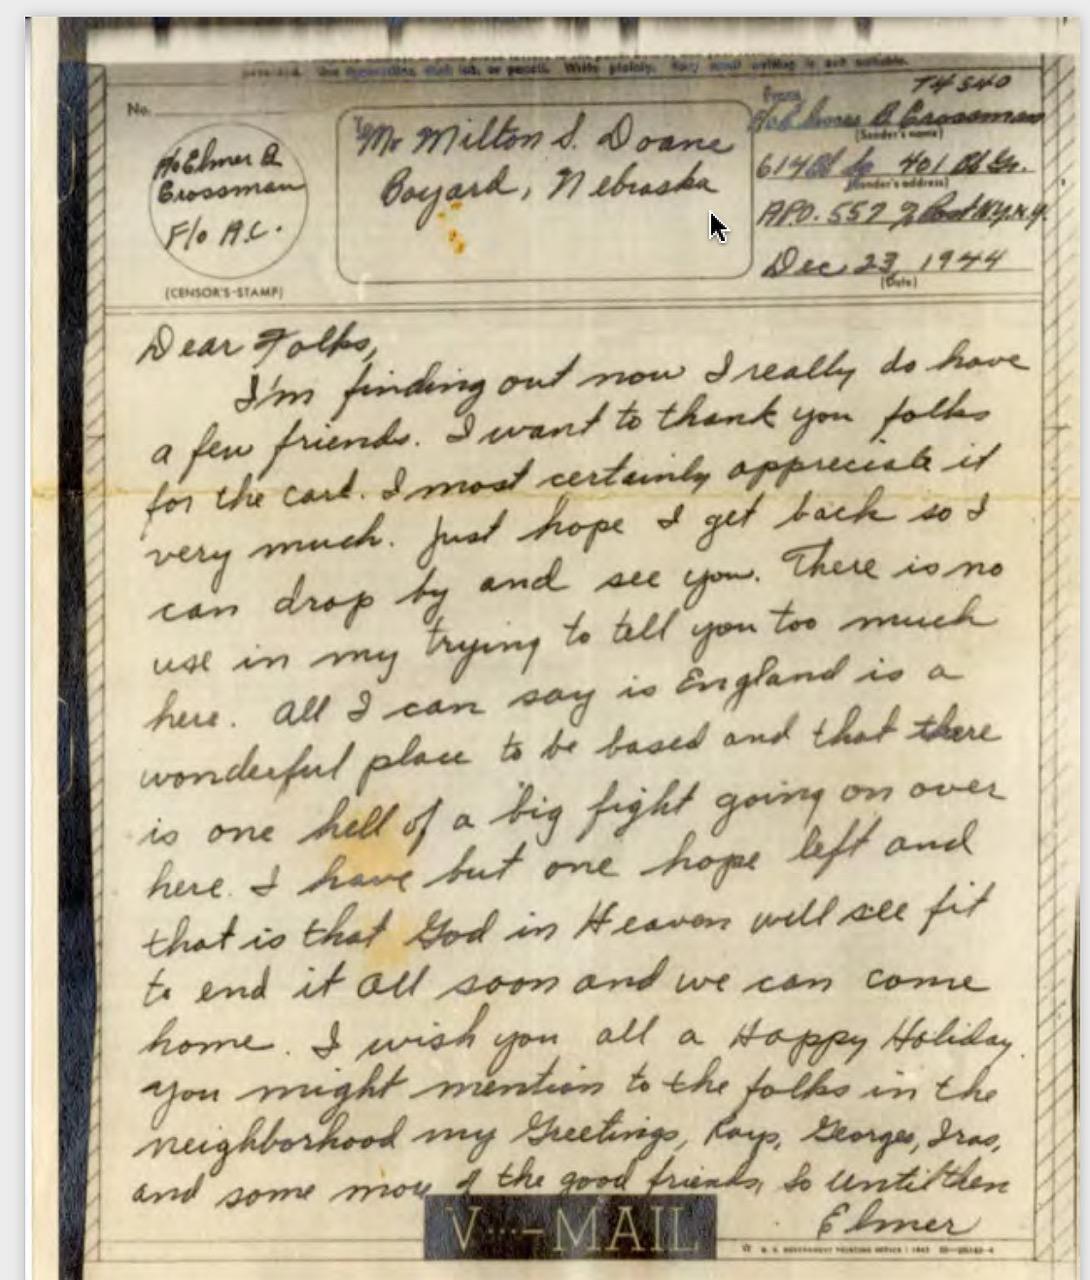 Grandpa Crossman's letter